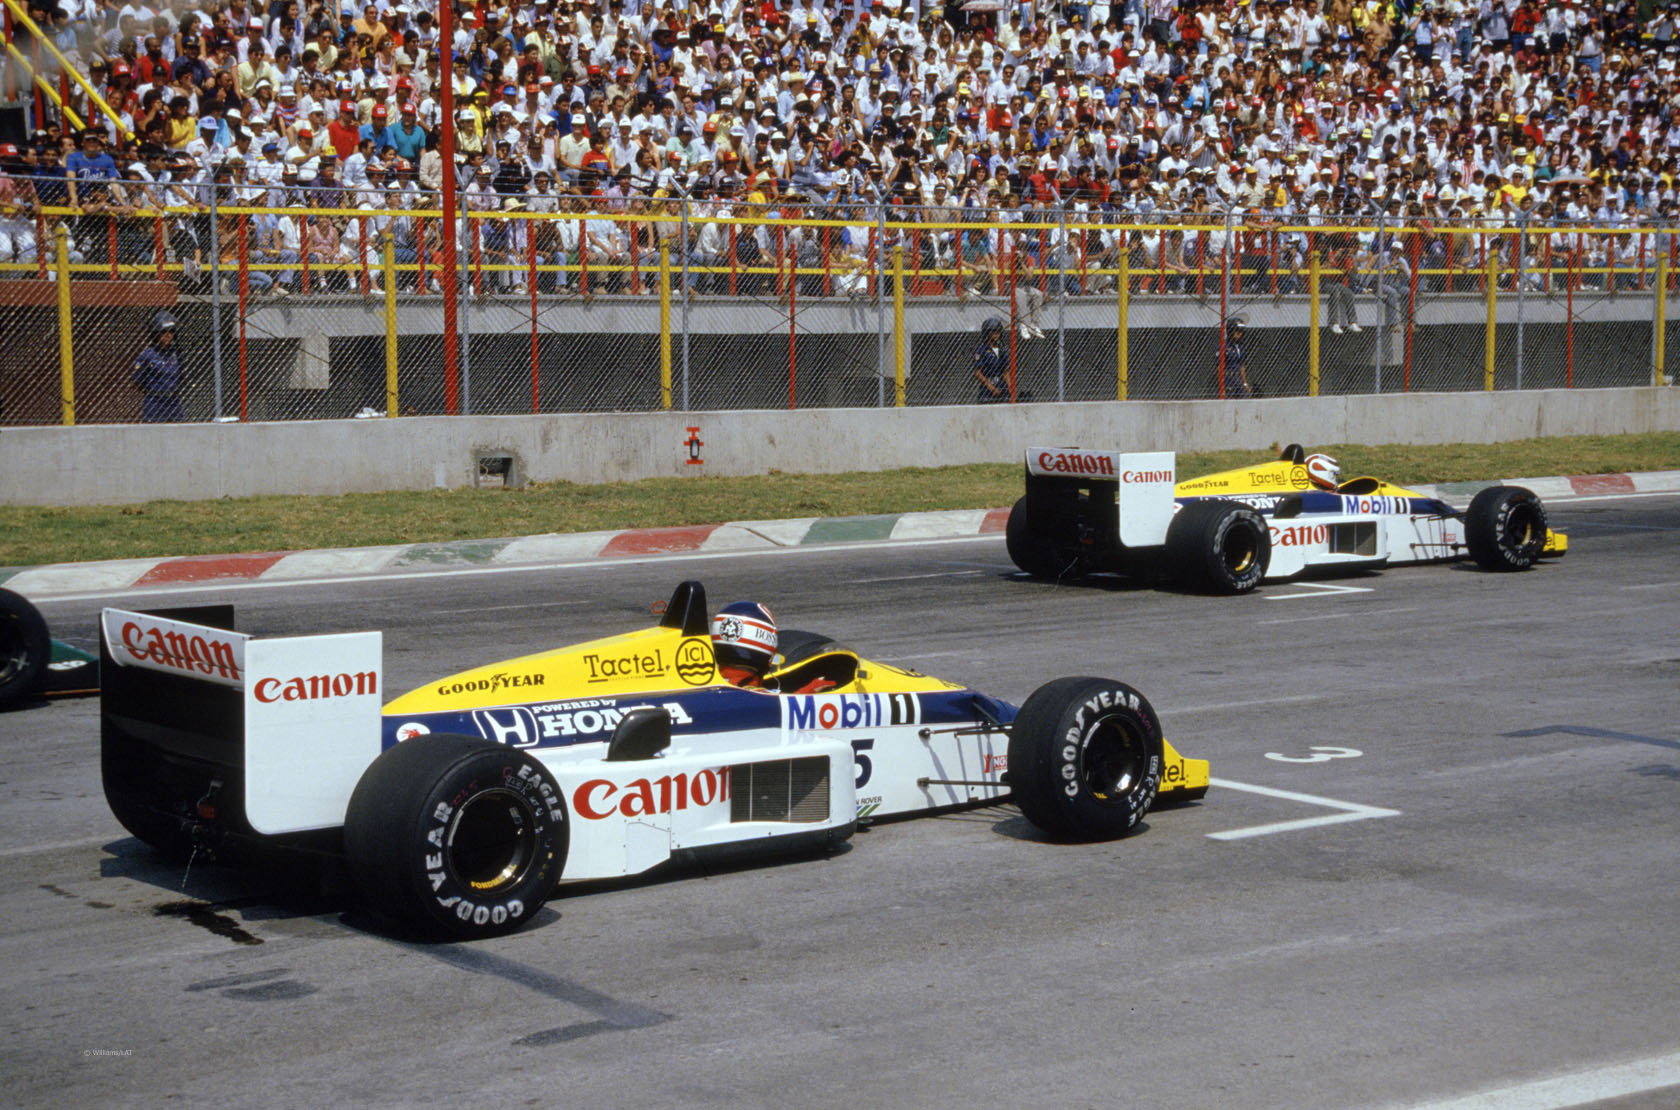 Nelson Piquet (2.mjesto) i Nigel Mansell (3.mjesto) u Williams Renaultovim bolidima uoči starta VN Meksika 1986. (12.10.1968.) Foto: Williams